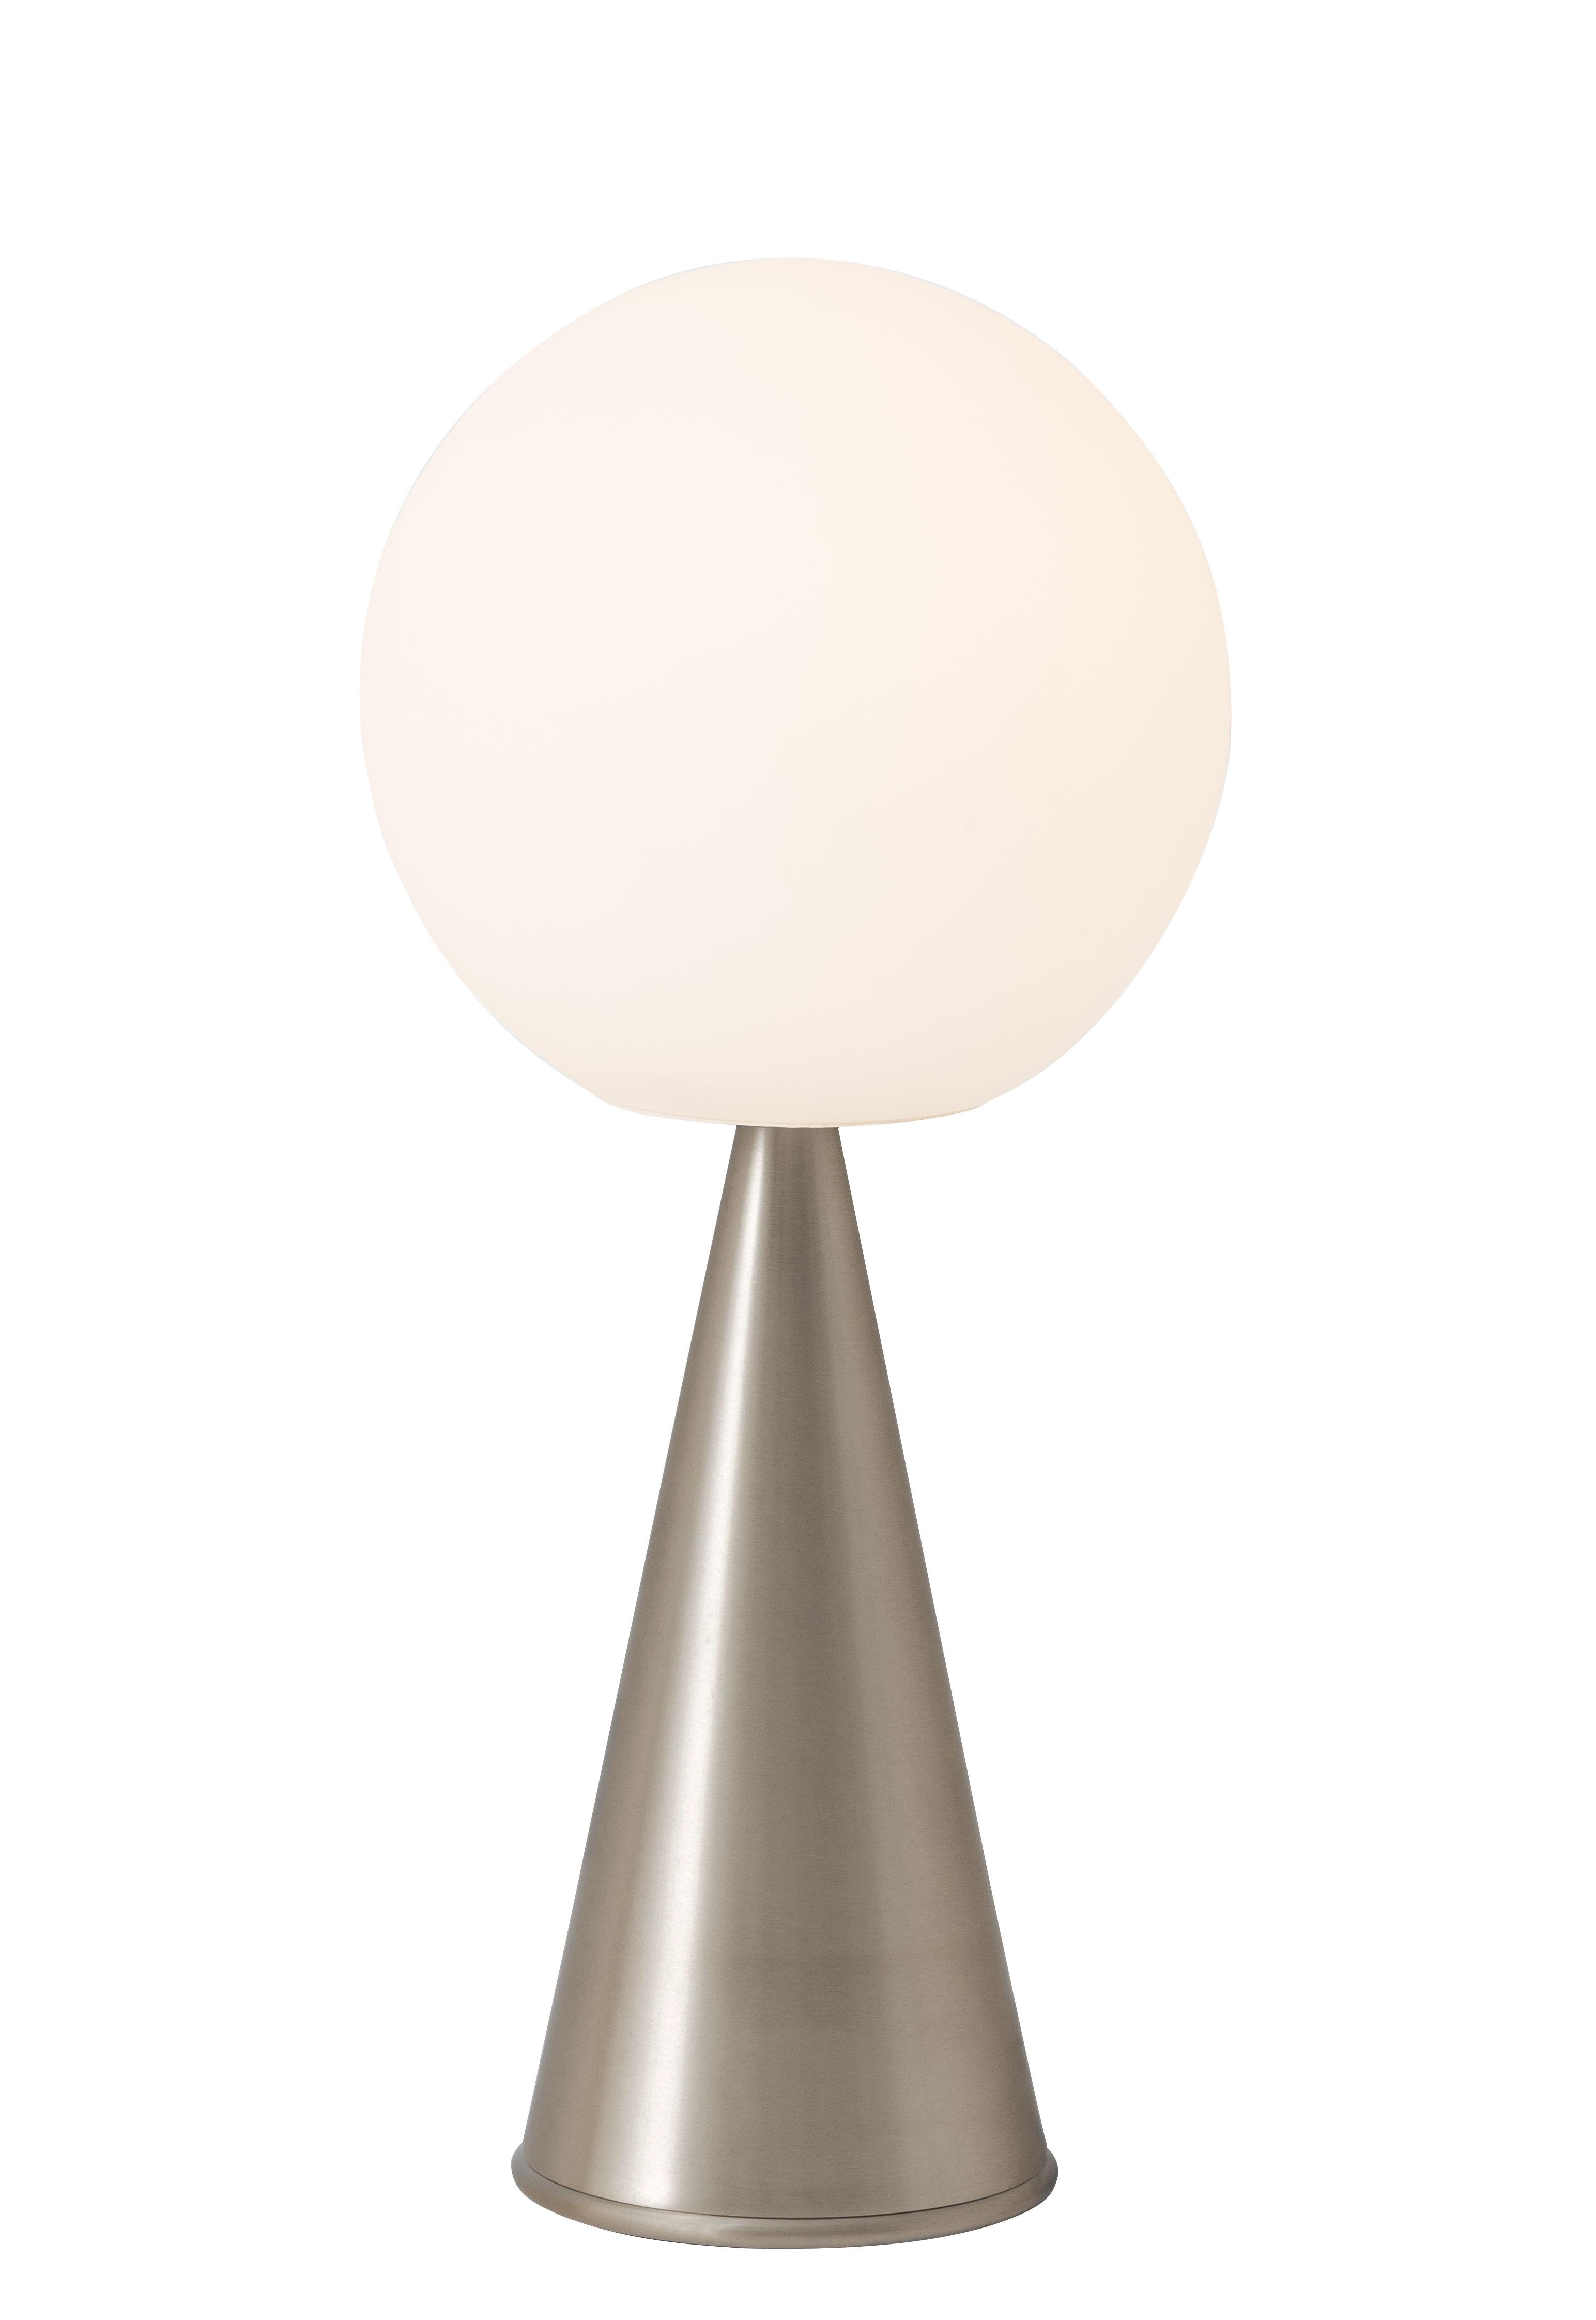 Illuminazione - Lampade da tavolo - Lampada da tavolo Bilia - / H 43 cm - By Gio Ponti (1932) di Fontana Arte - Nickel - , Métal nickelé brossé